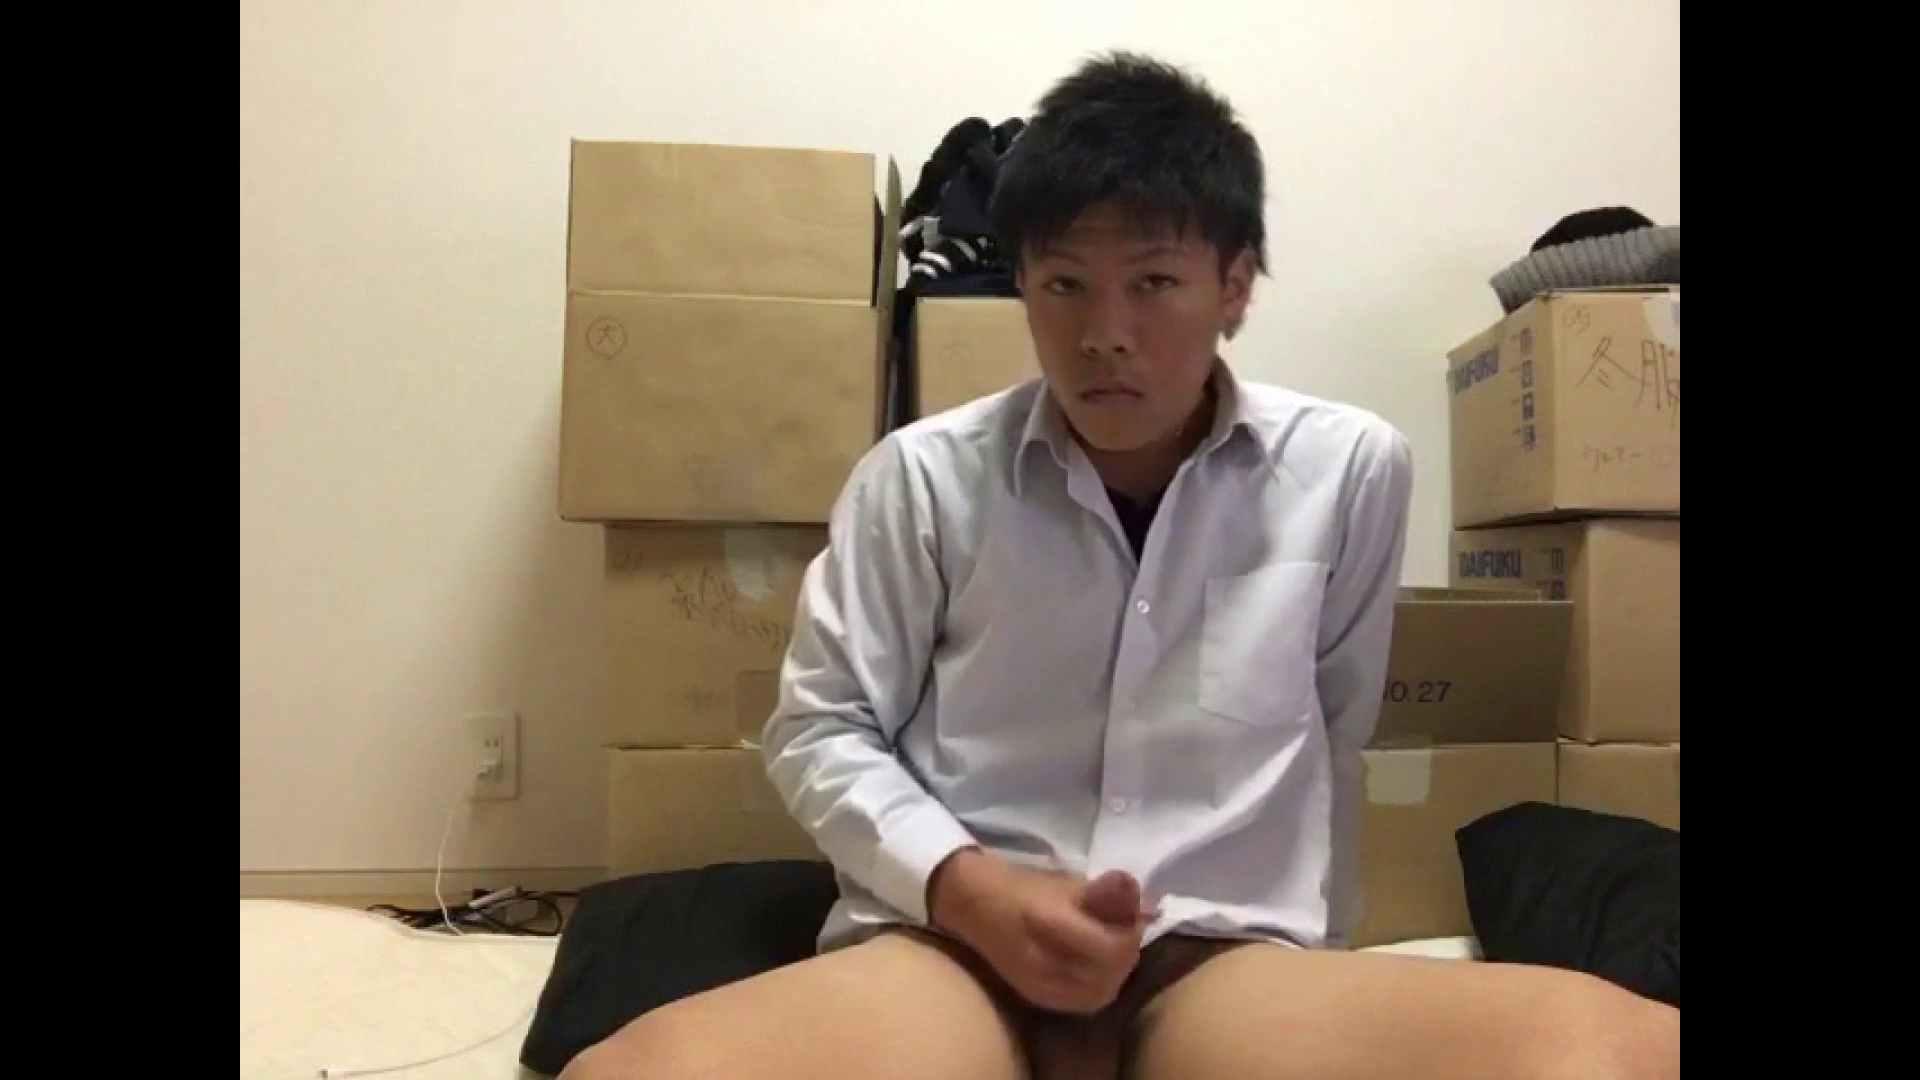 個人撮影 自慰の極意 Vol.1 自慰特集 エロビデオ紹介 82pic